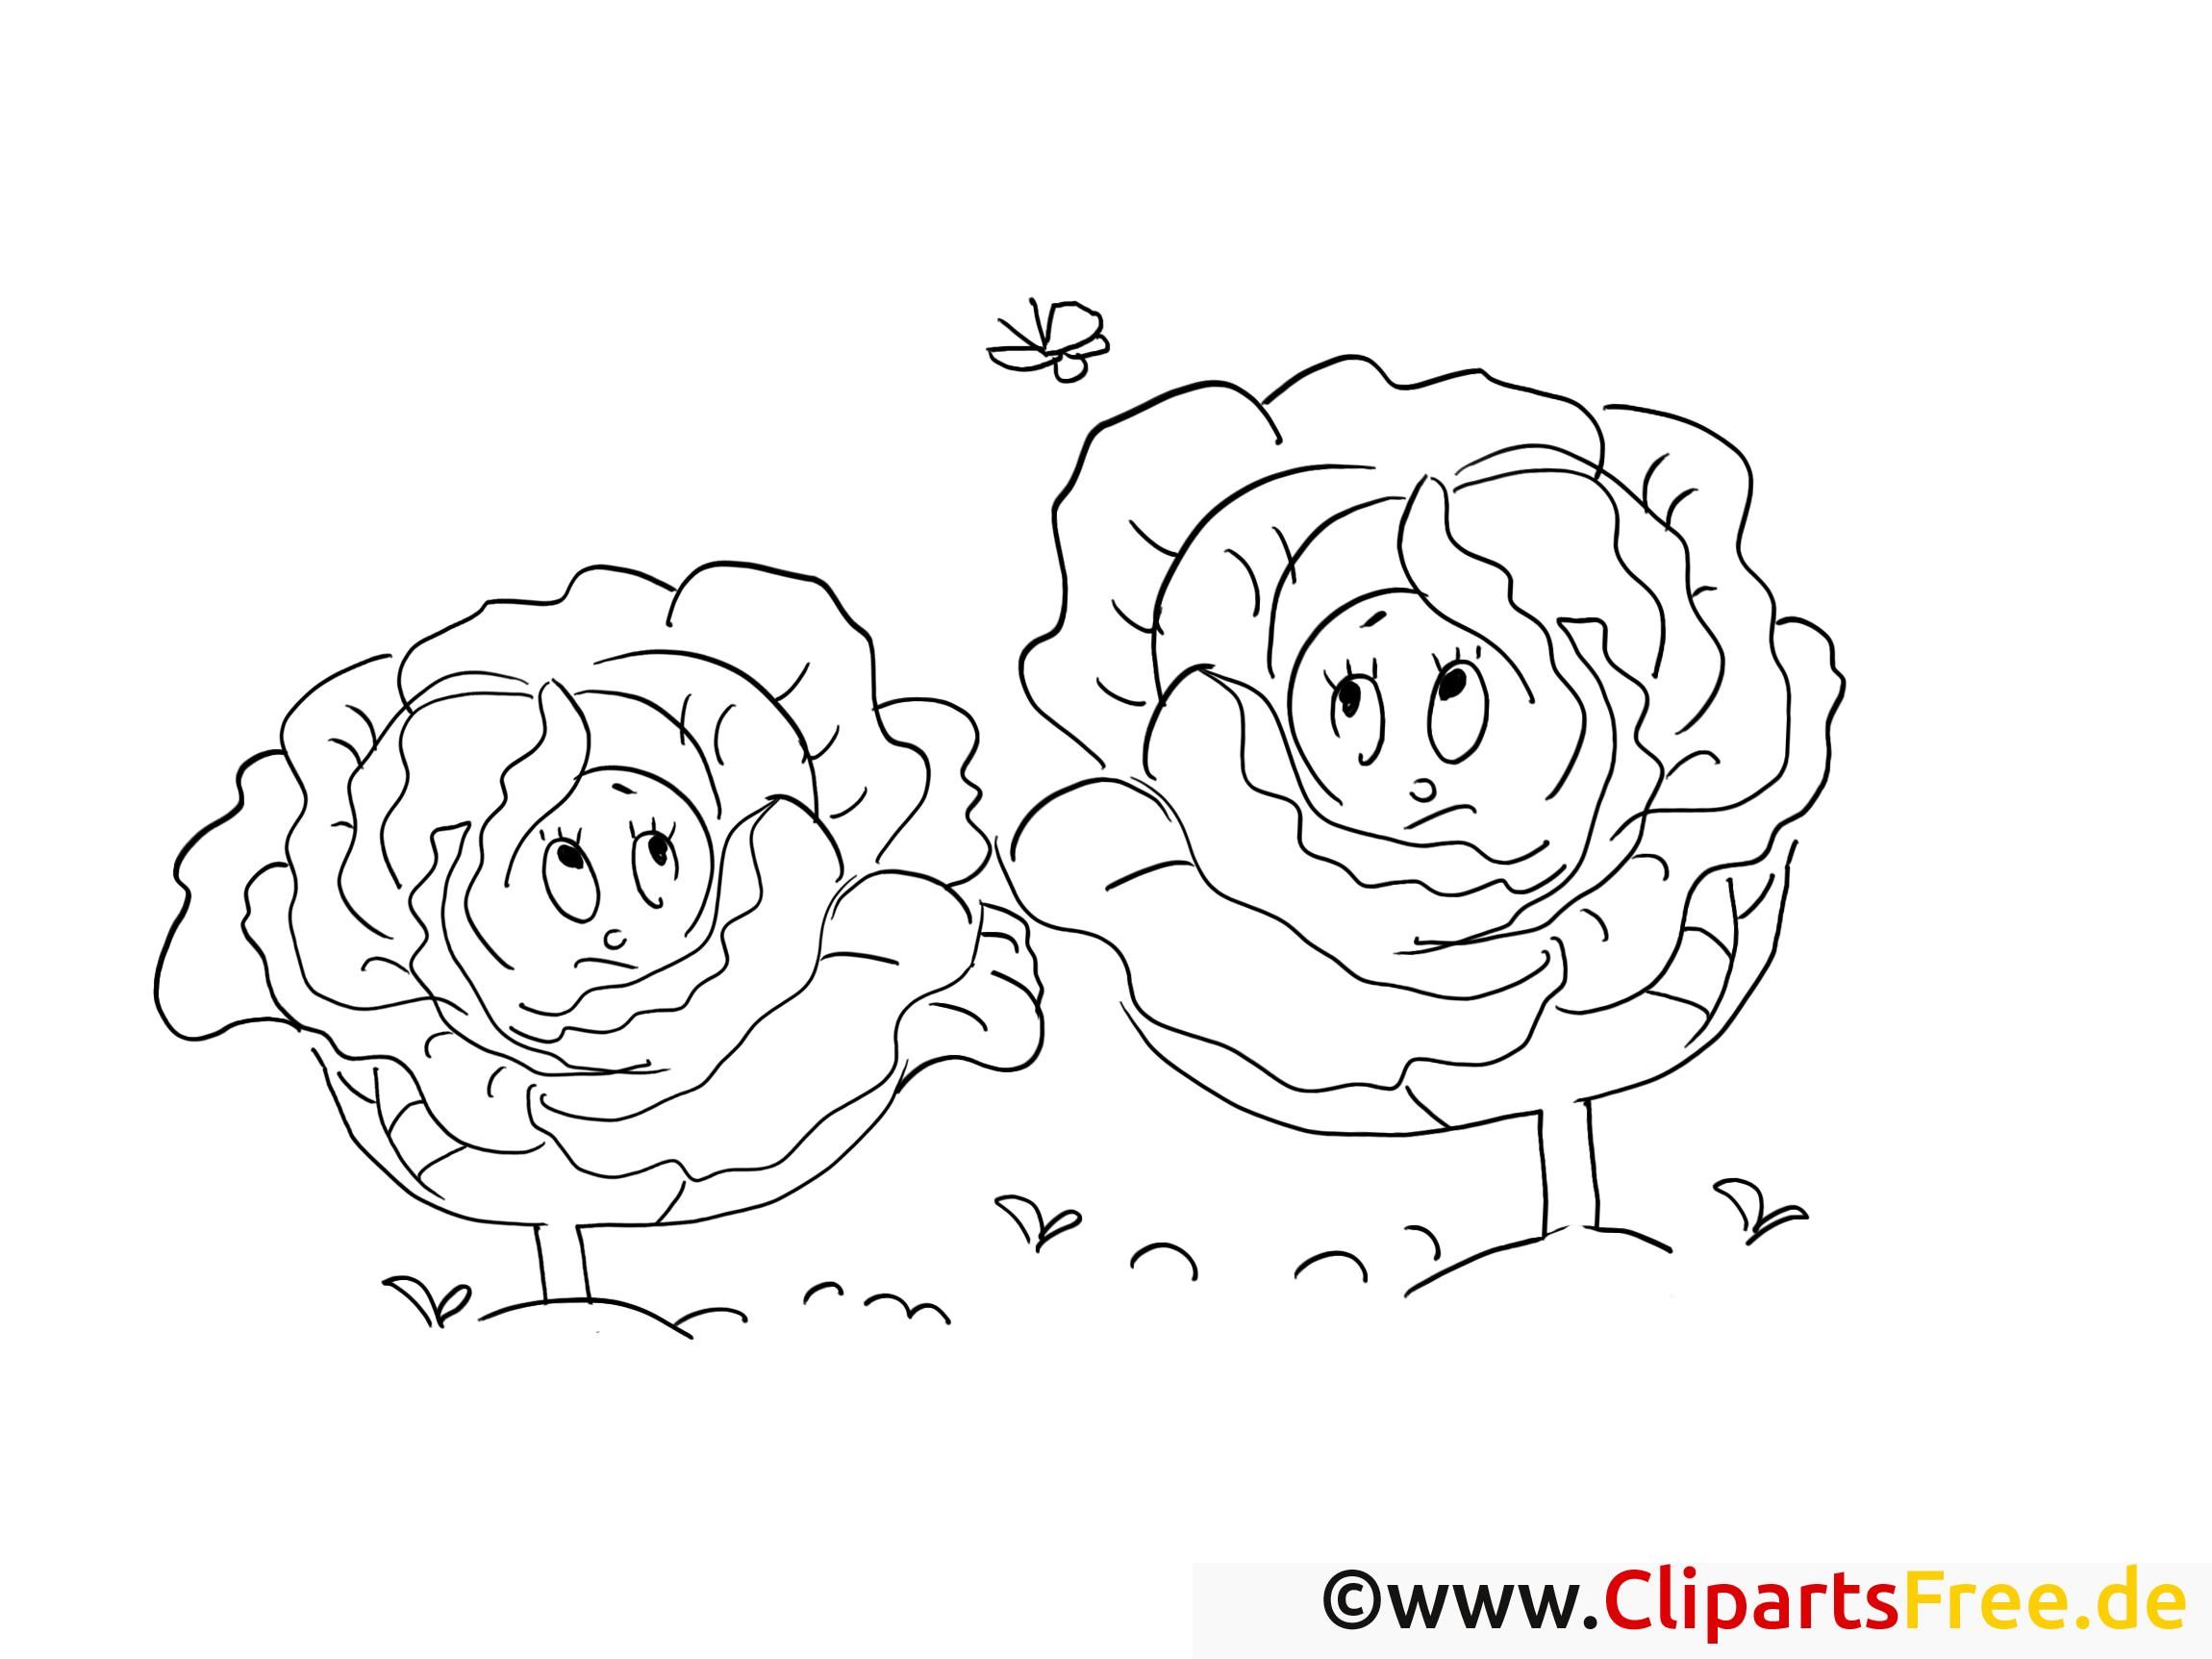 Légumes images gratuites – Choux à colorier